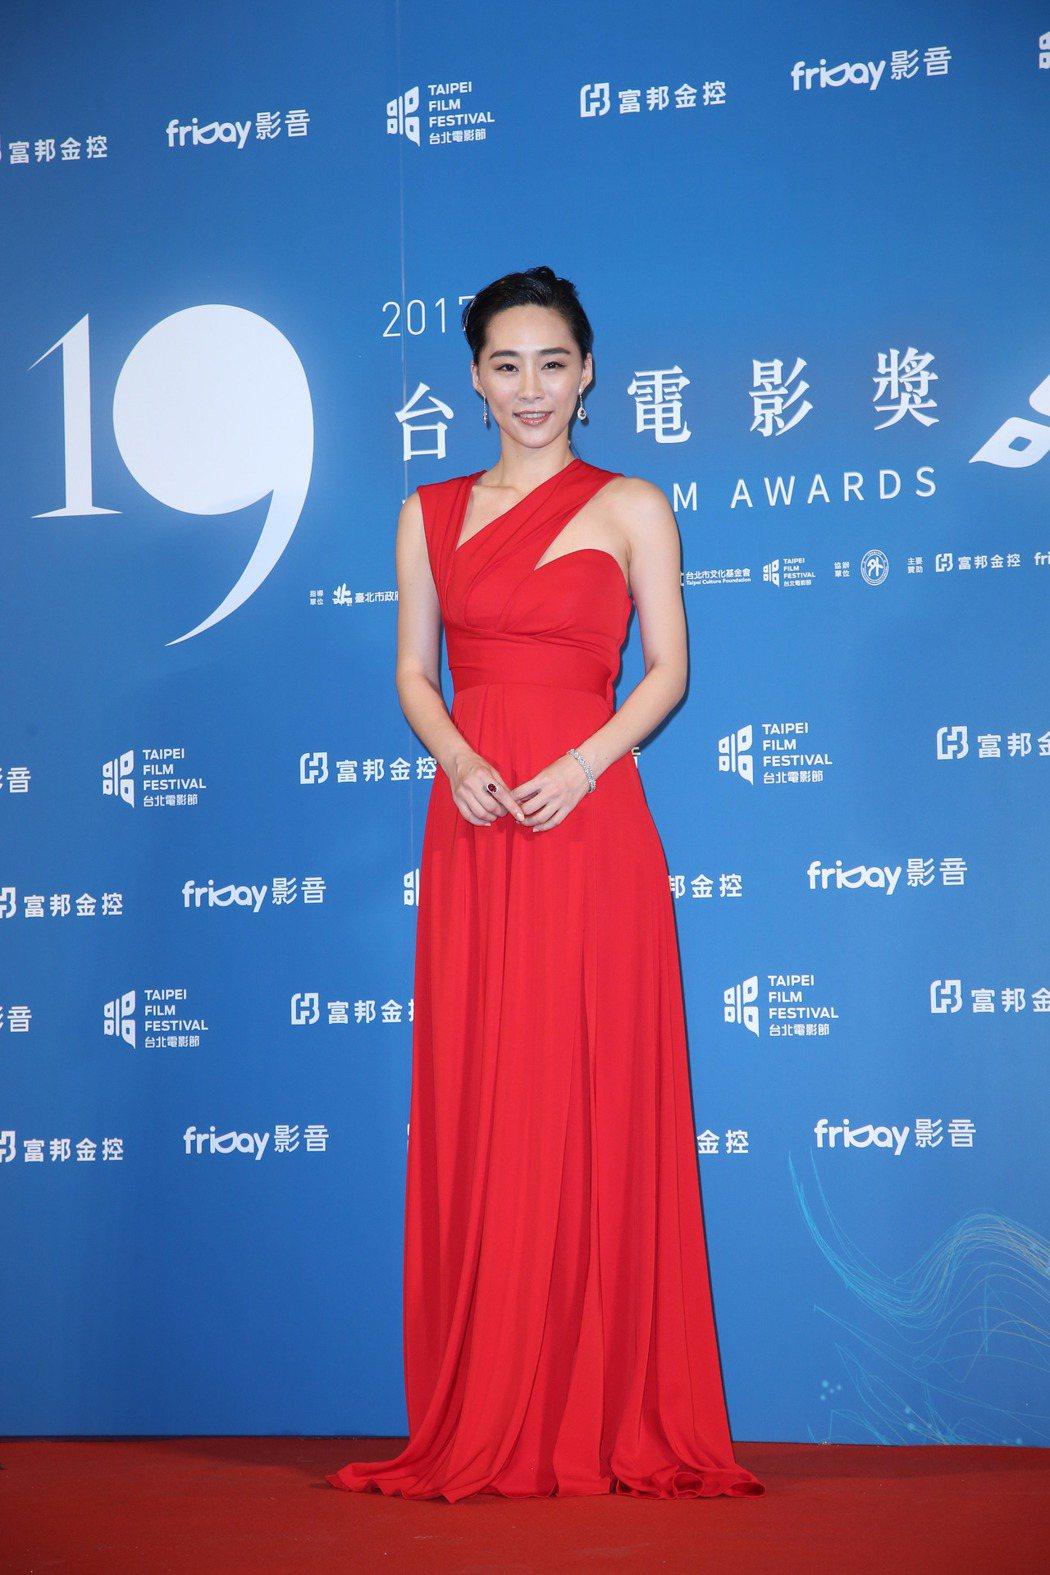 再見瓦城演員吳可熙出席台北電影節頒獎典禮。記者陳瑞源/攝影